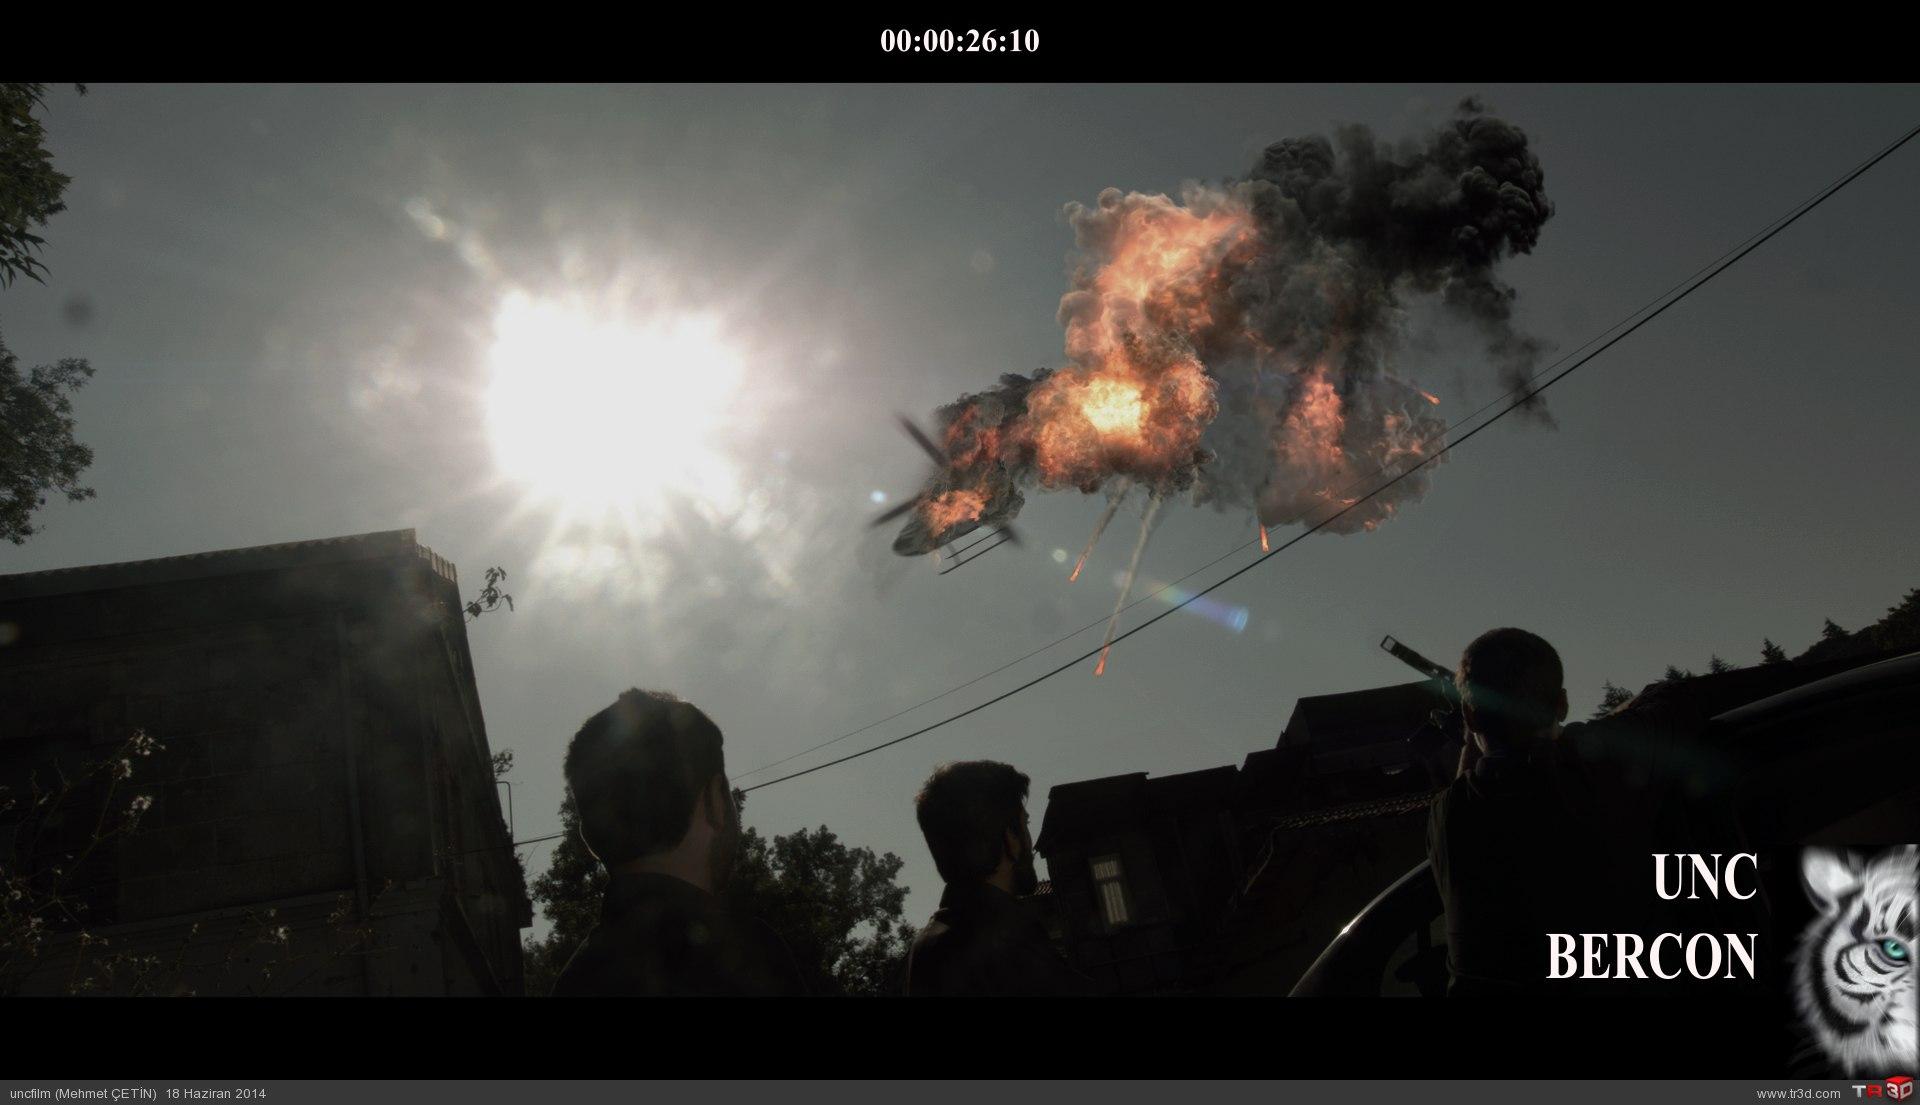 Tv proje / helikopter roket